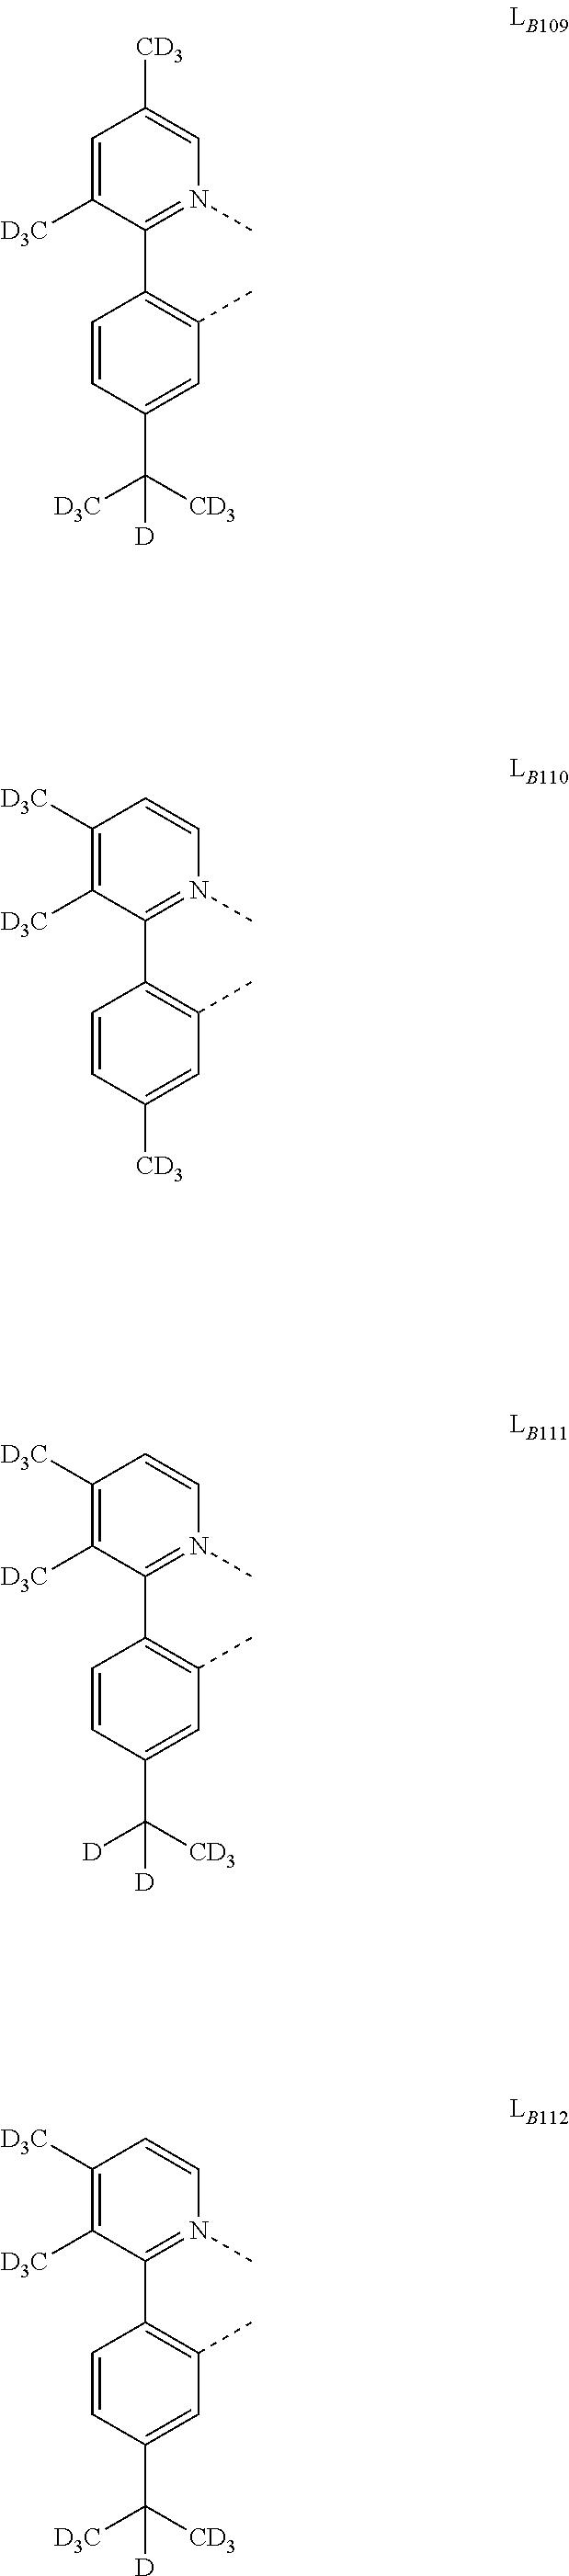 Figure US09929360-20180327-C00059